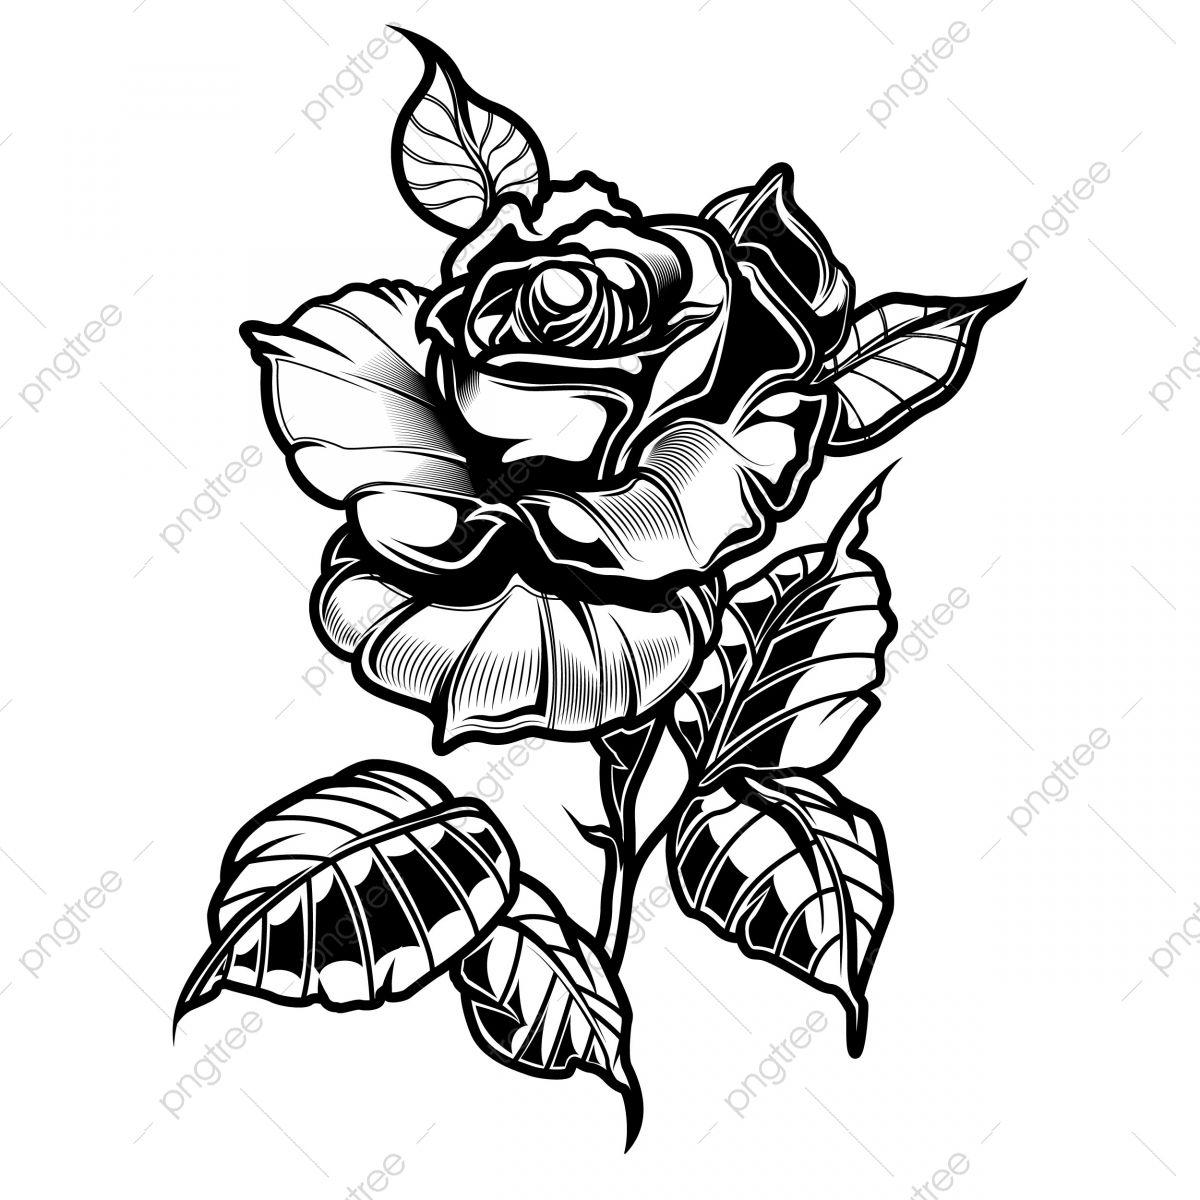 Rosas De Tatuagem De Vetor Com Folhas Em Fundo Branco Clipart De Vetor Rosa Tatuagem Imagem Png E Vetor Para Download Gratuito Rose Tattoos Black Rose Tattoos Rose Sketch